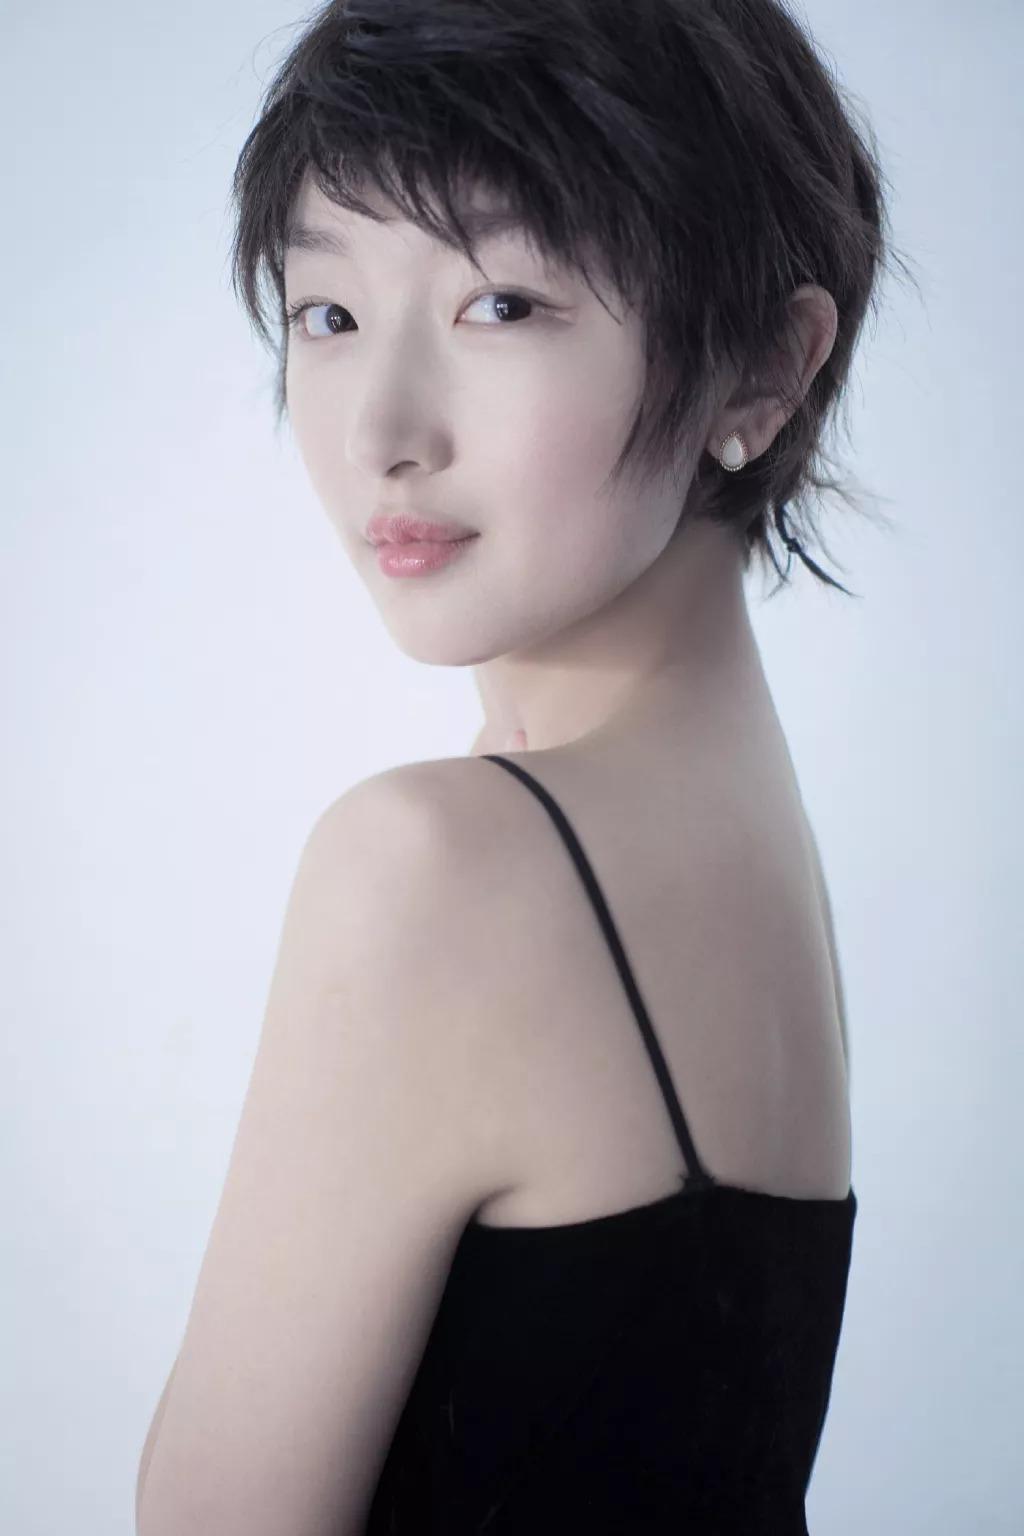 周冬雨和赵丽颖撞衫输了,网友:发型像化妆到一半的孙悟空!